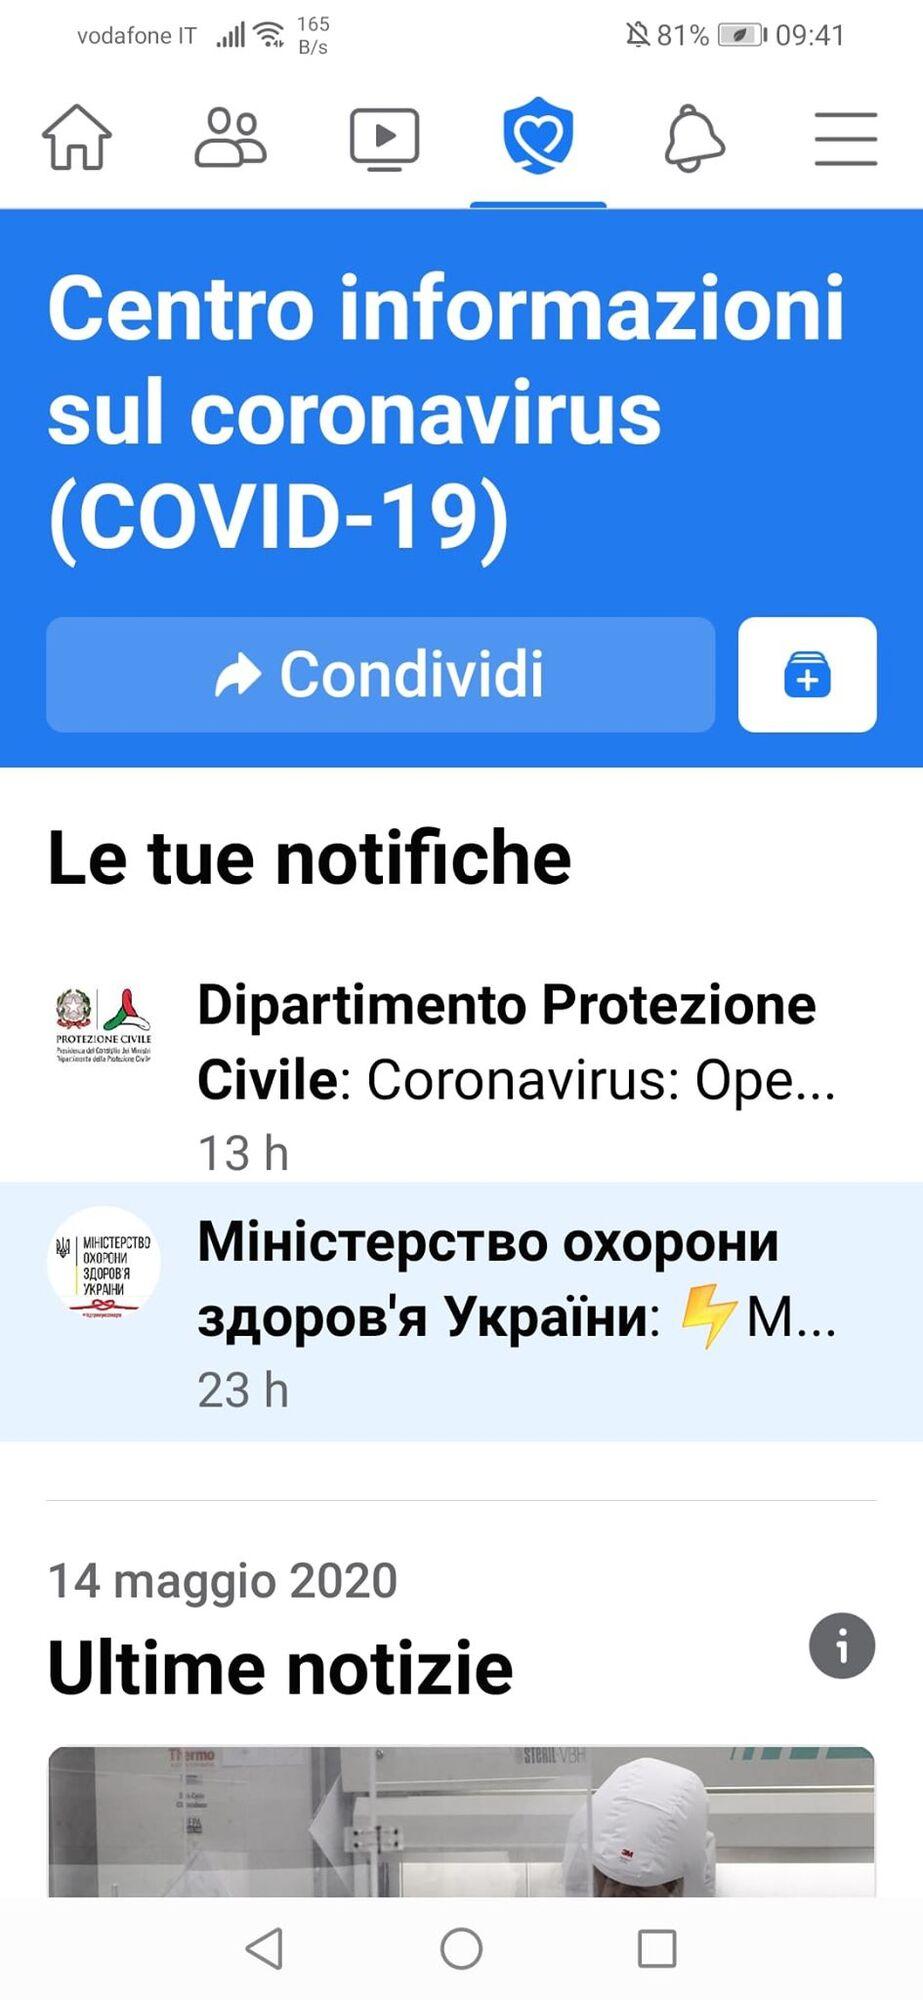 В Италию возвращается ад коронавируса? Количество больных взлетело, но карантин ослаблен. Эксклюзив